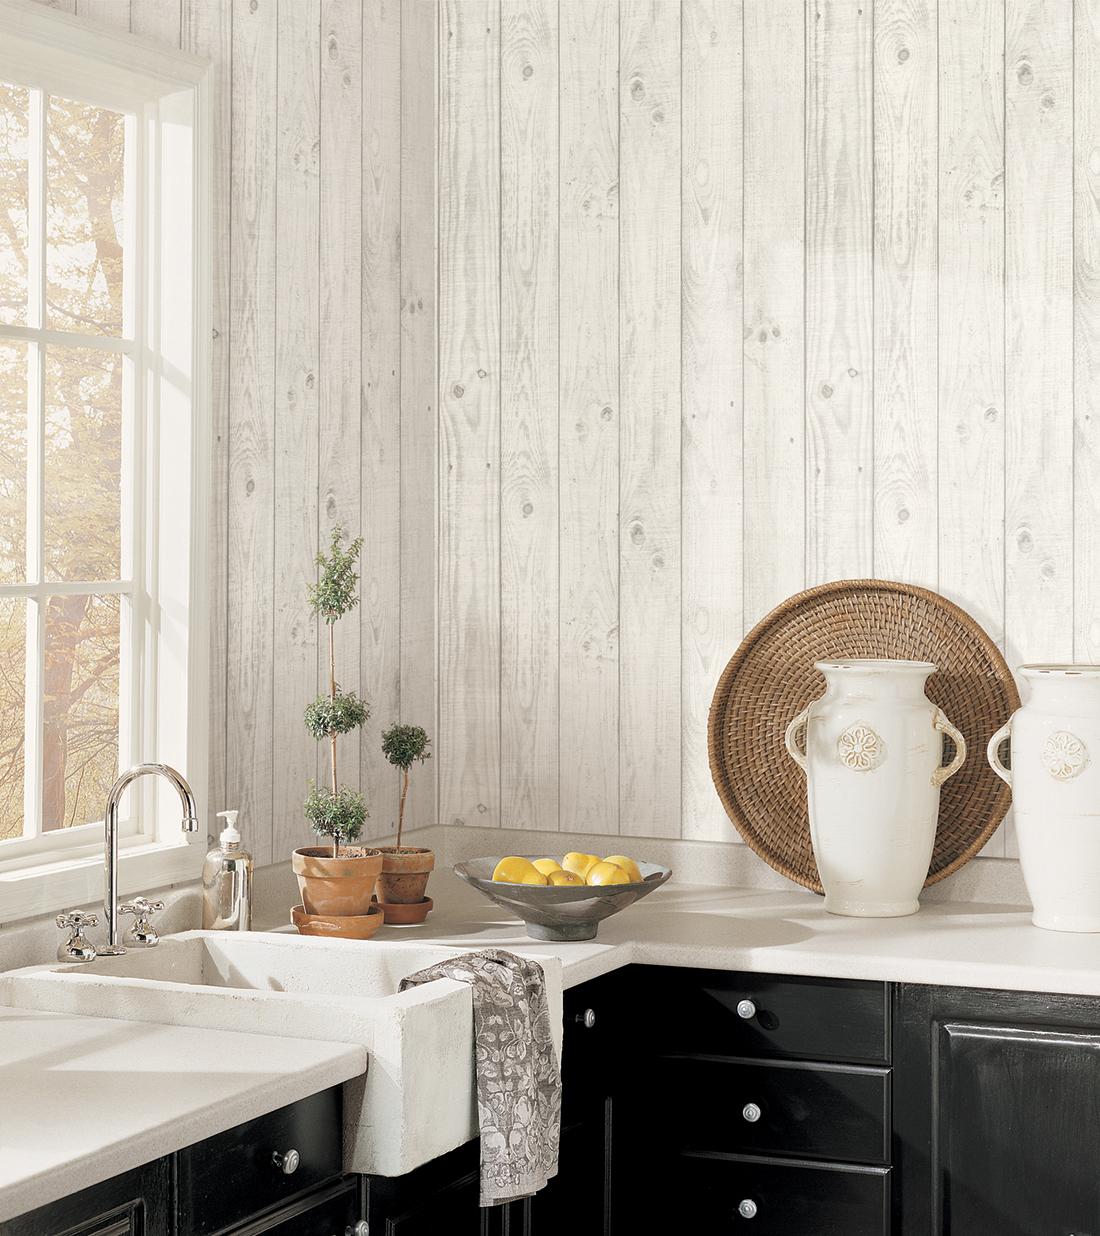 Cuisine Gris Clair papier peint planche de bois gris clair - style cuisine 3 de